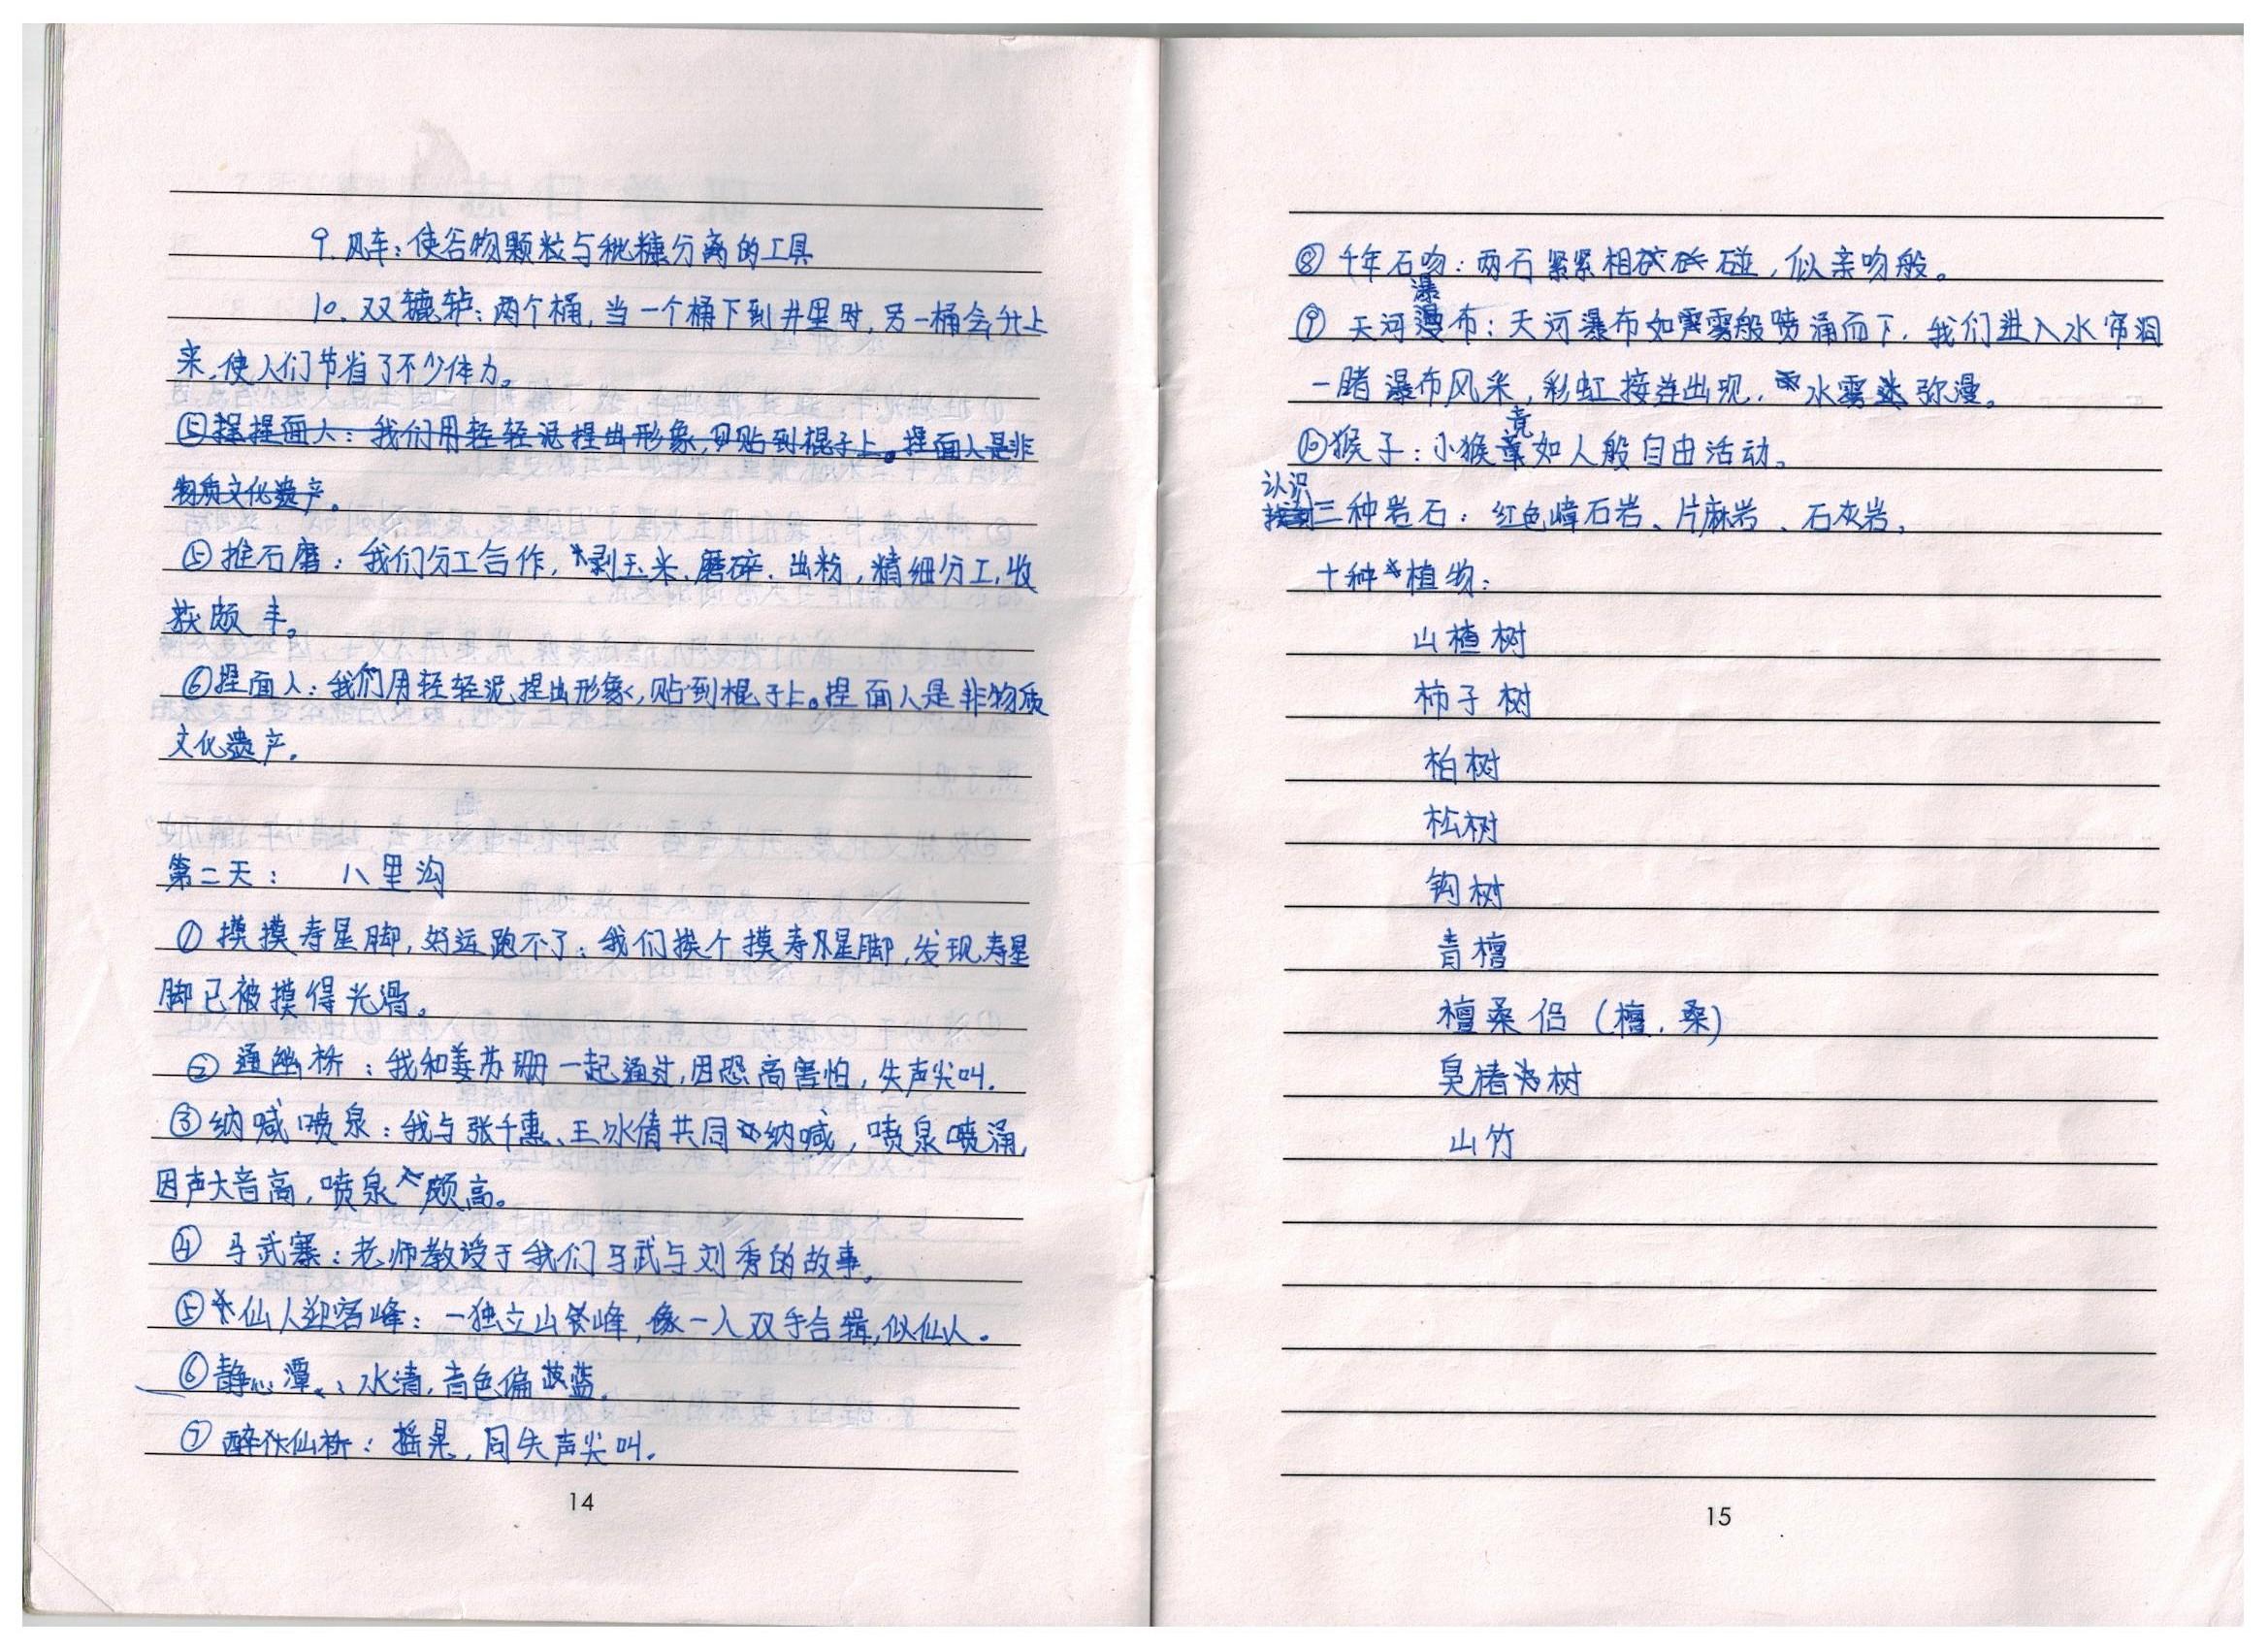 新乡市二十中学小学部研学-优秀笔记